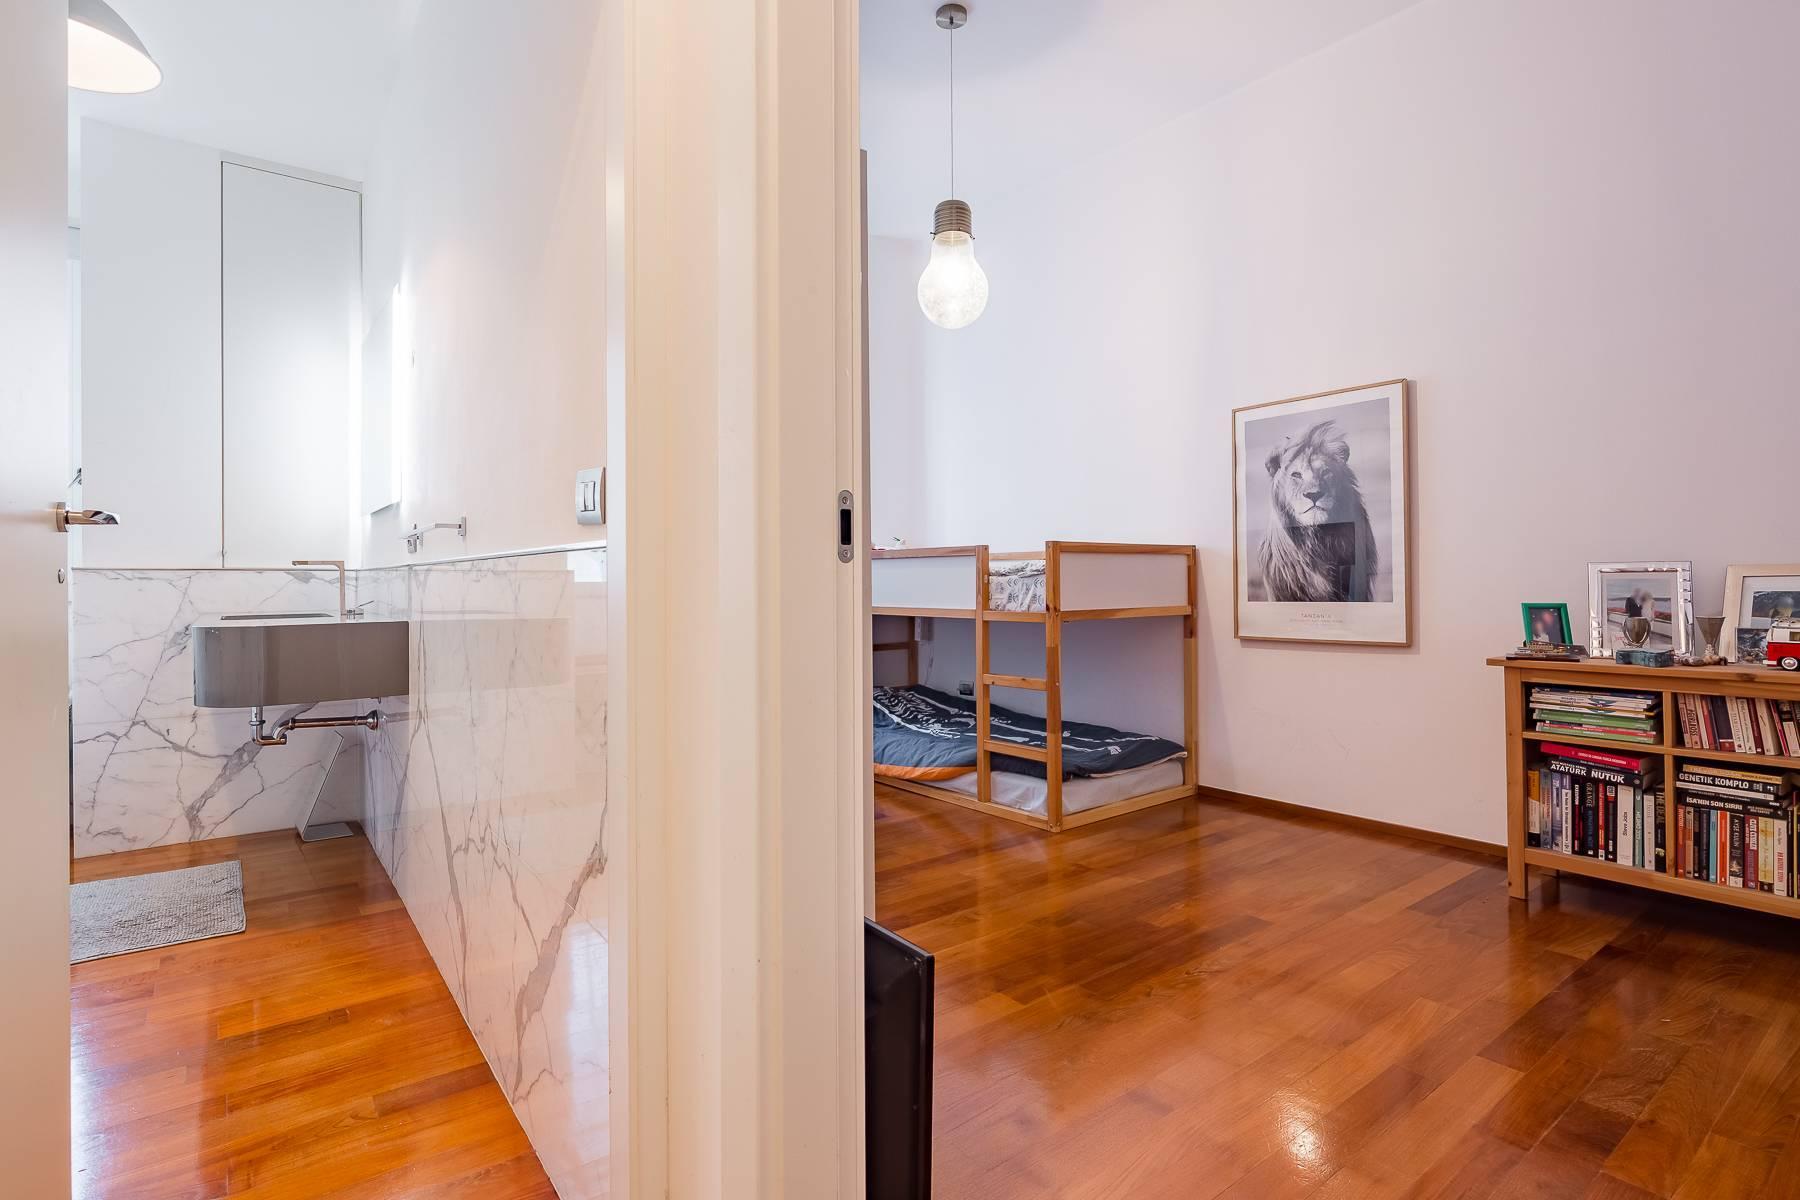 Renovierte Wohnung im Stadtviertel Ticinese/Darsena - 20